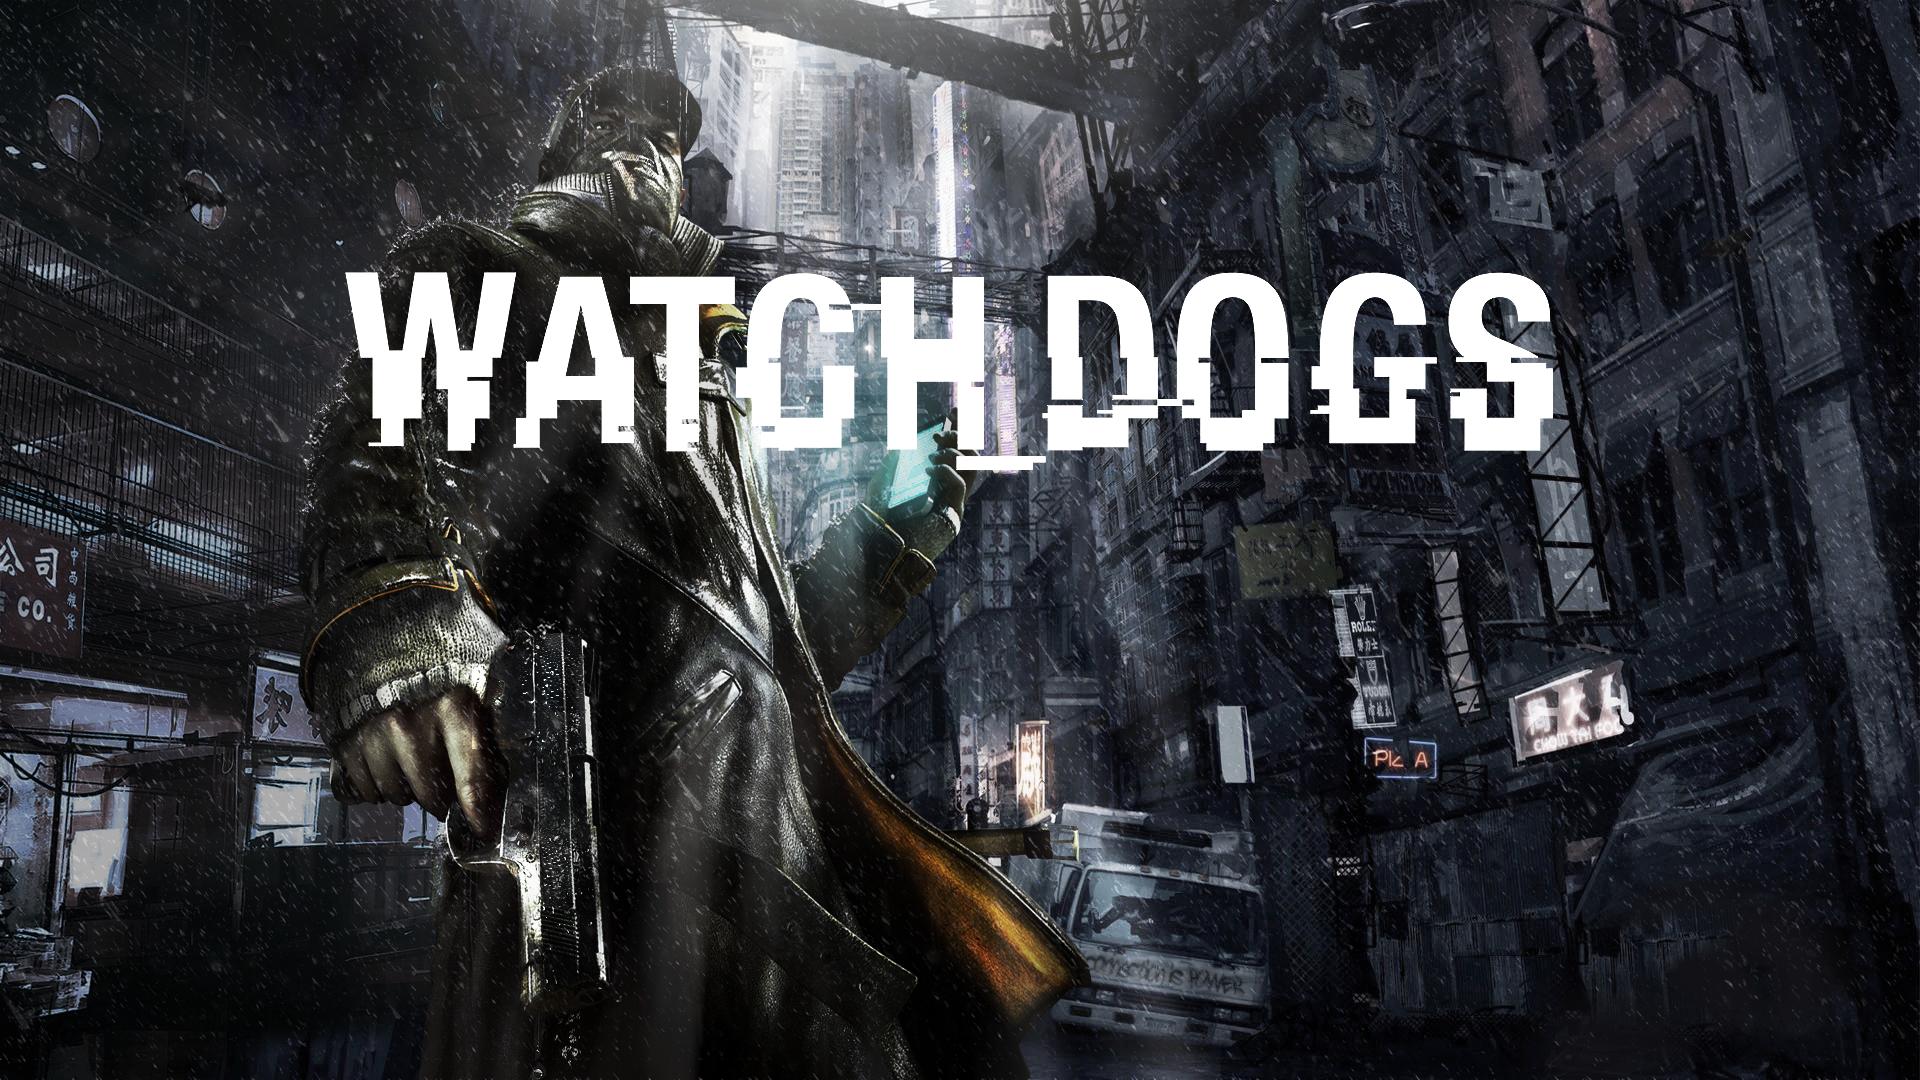 Watch Dogs 2 Wallpaper 1920x1080: Watch Dogs HD Wallpaper